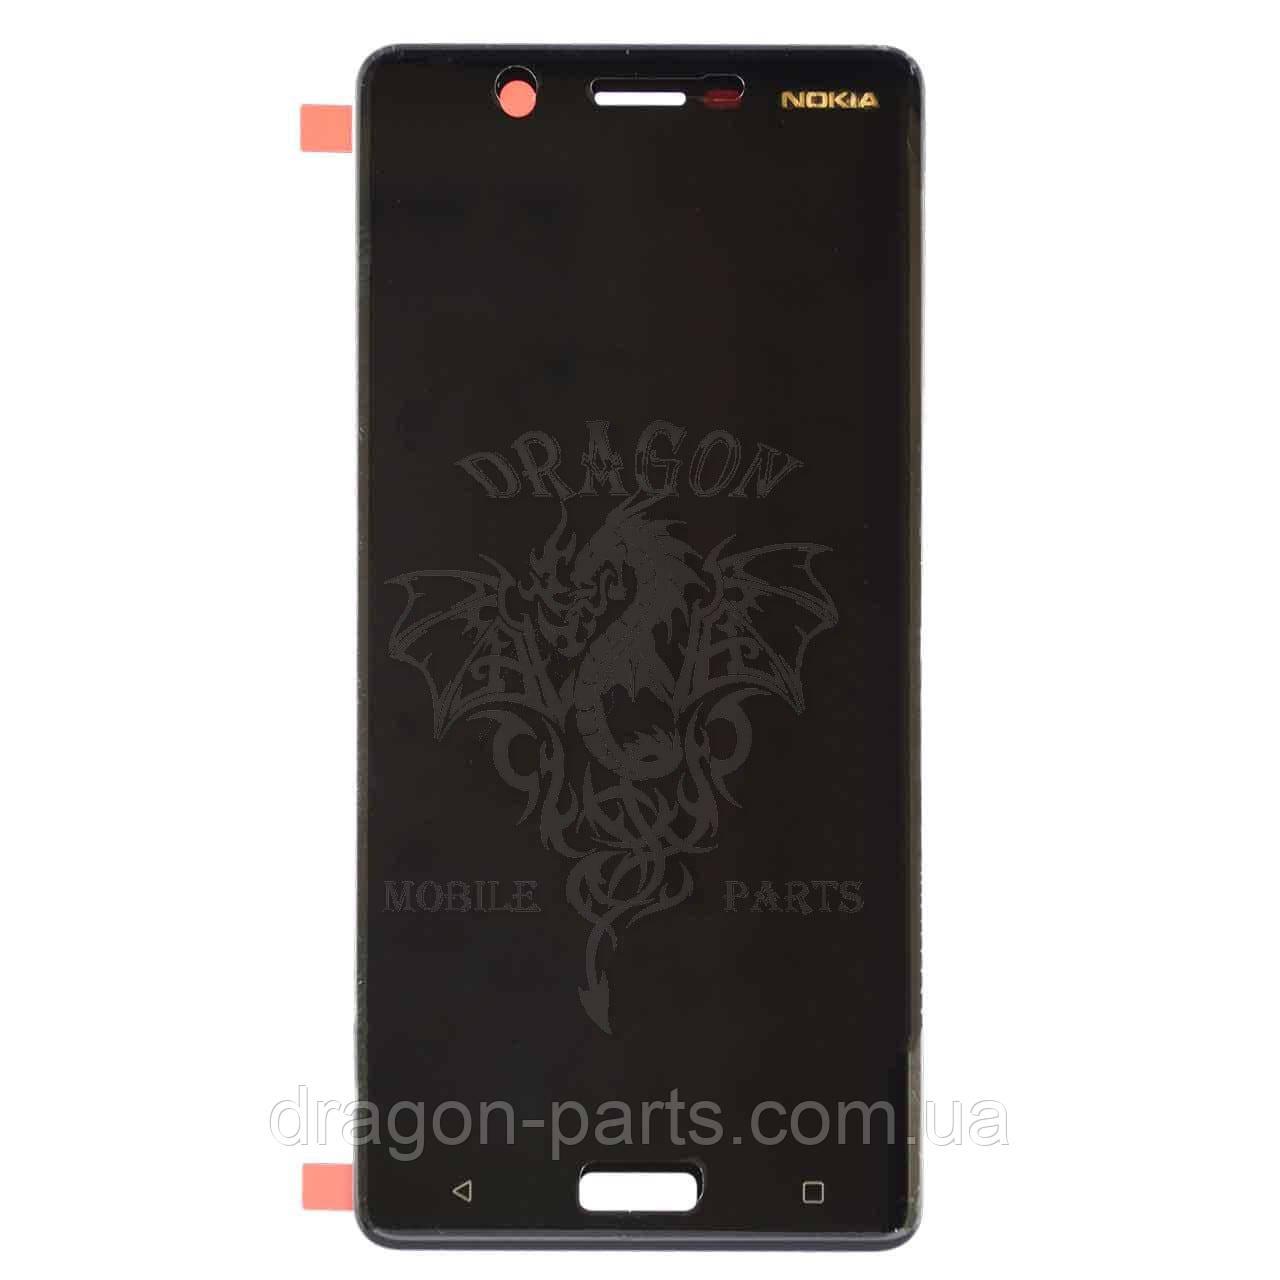 Дисплей Nokia 5 Dual Sim с сенсором TA-1053 Черный Black, оригинал